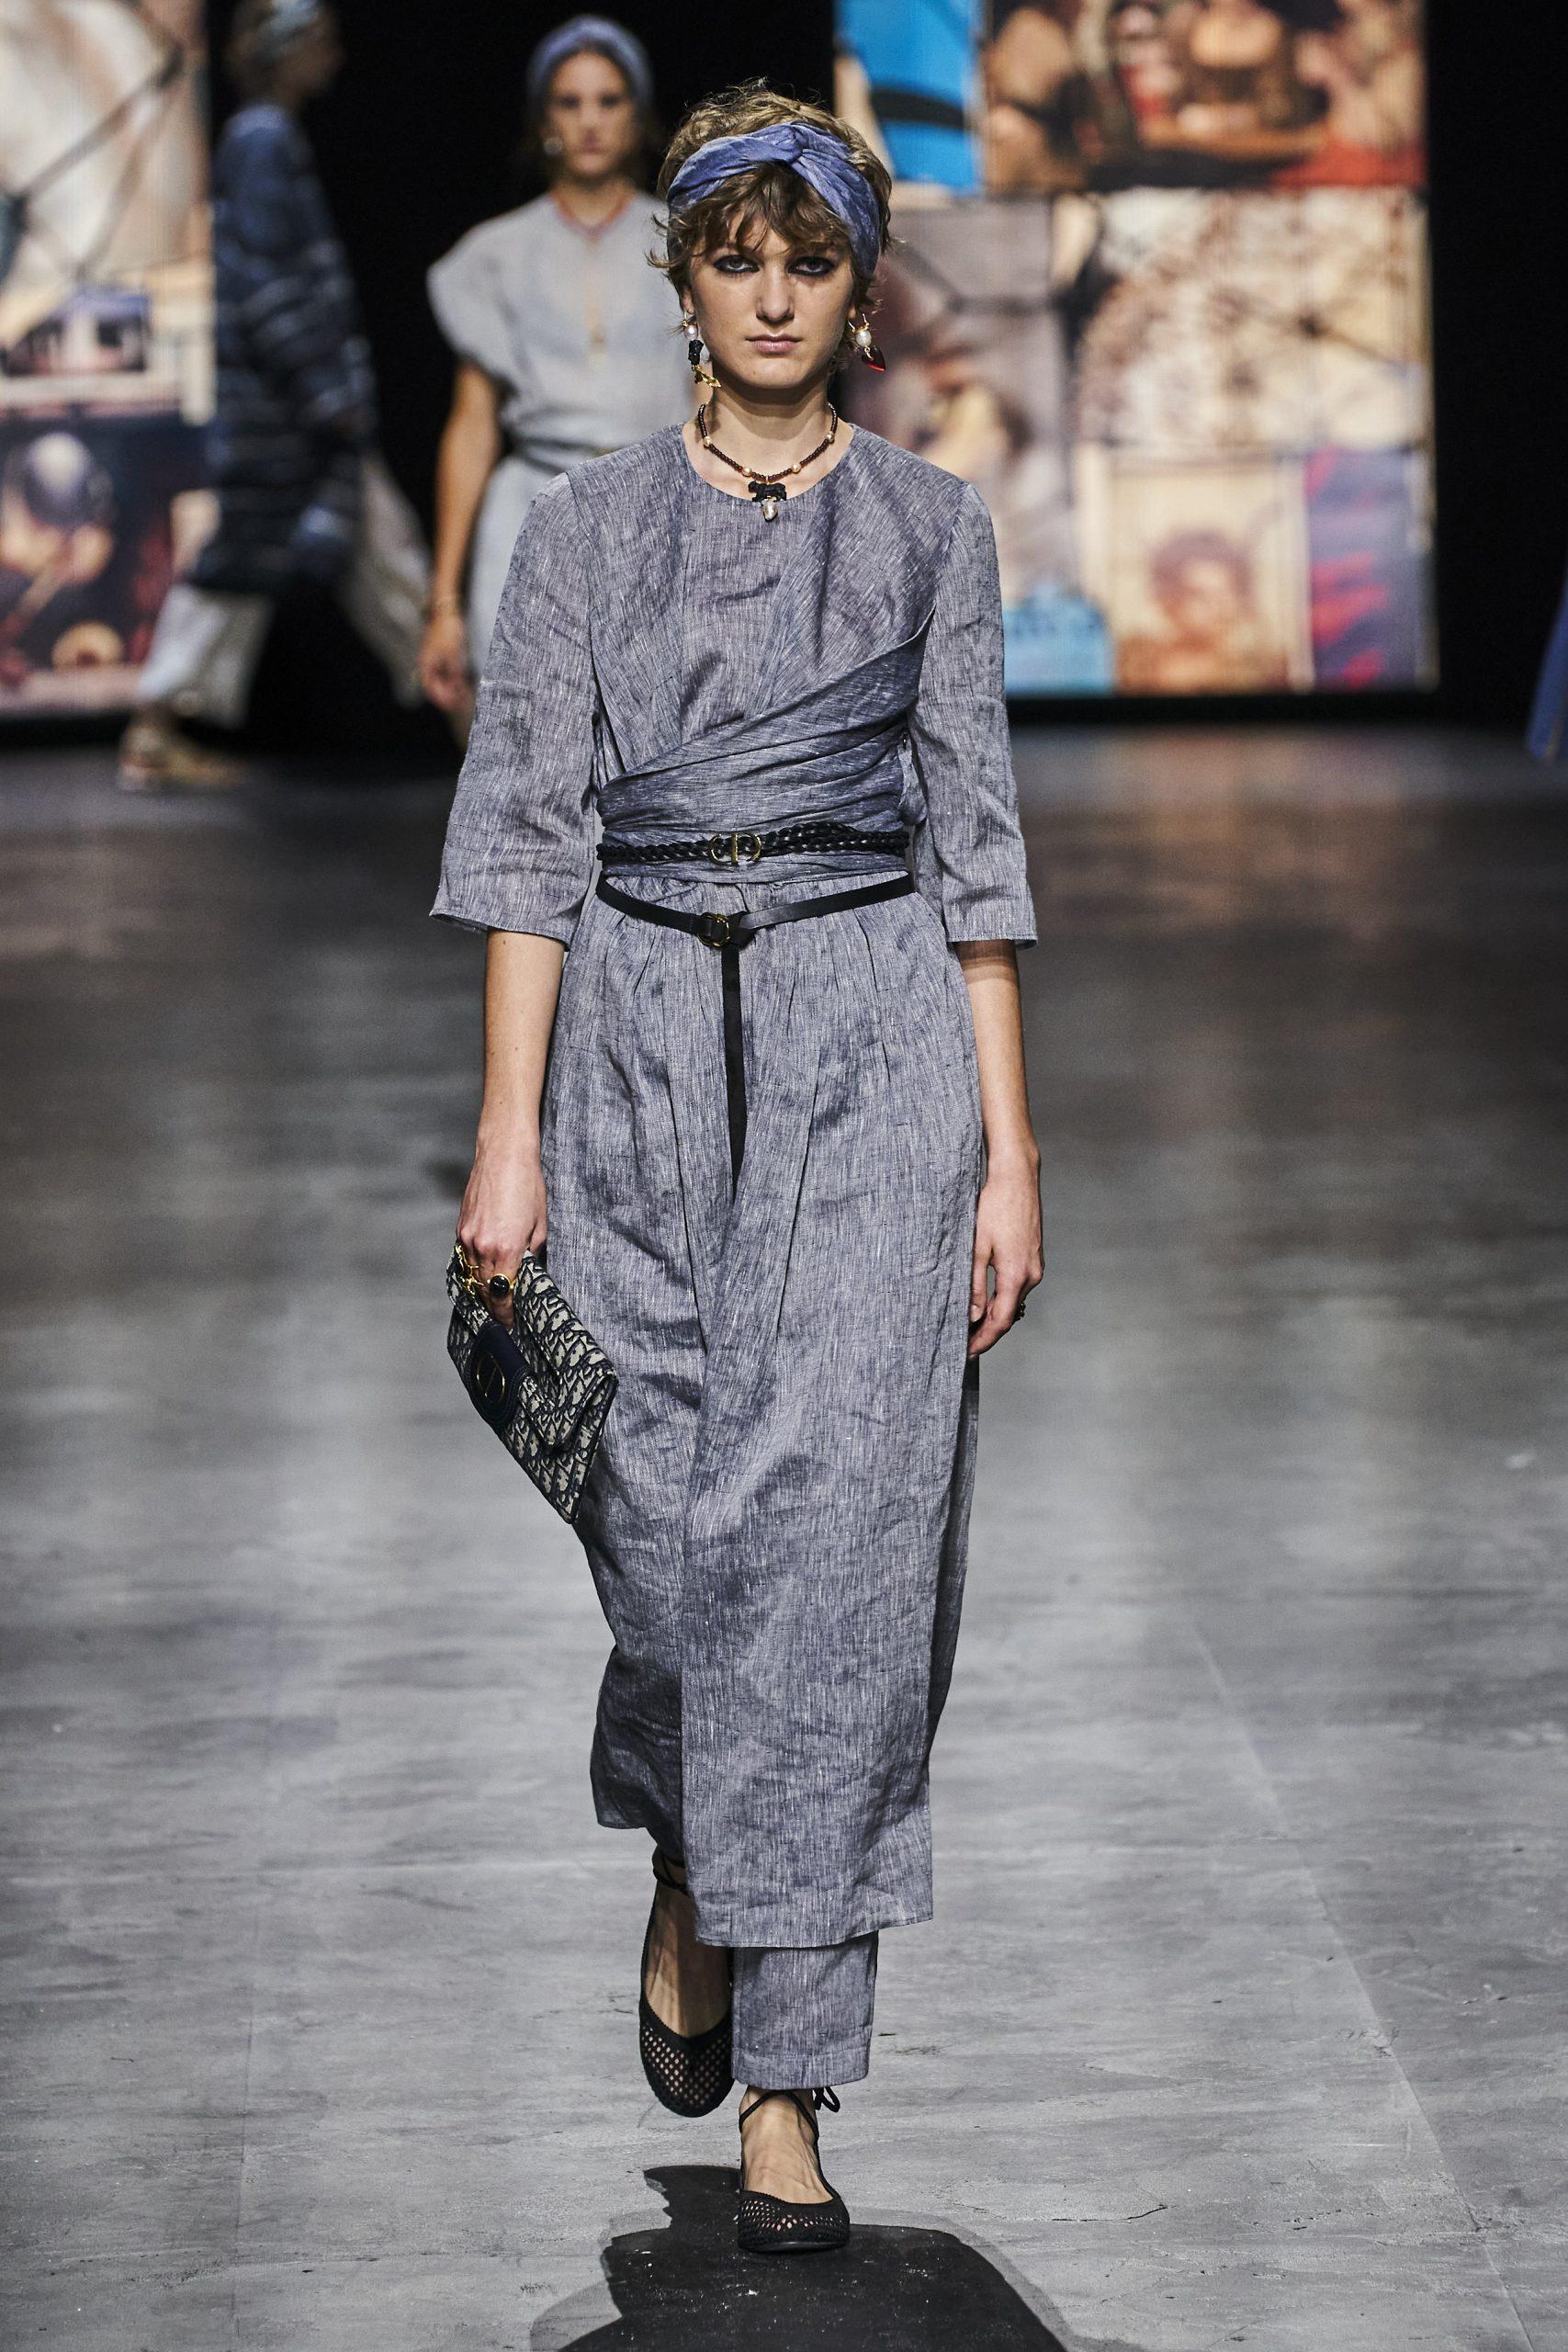 15. kép: Párizsi divathét - Christian Dior - 2021 tavasz-nyár - ready to wear